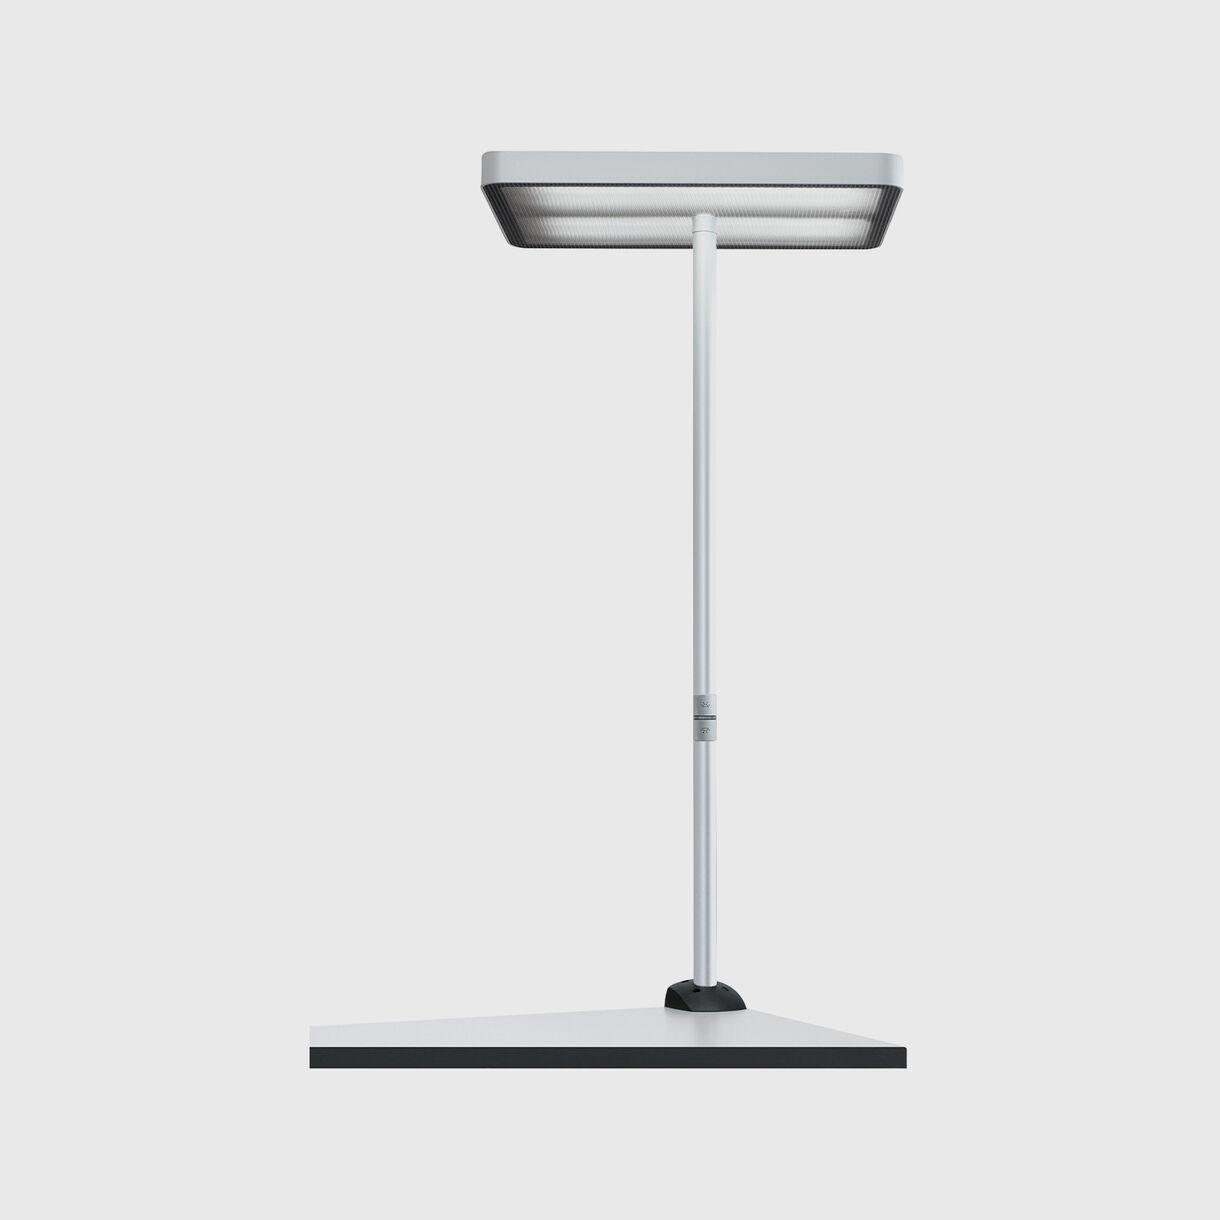 Ataro Desk Mounted Luminaire